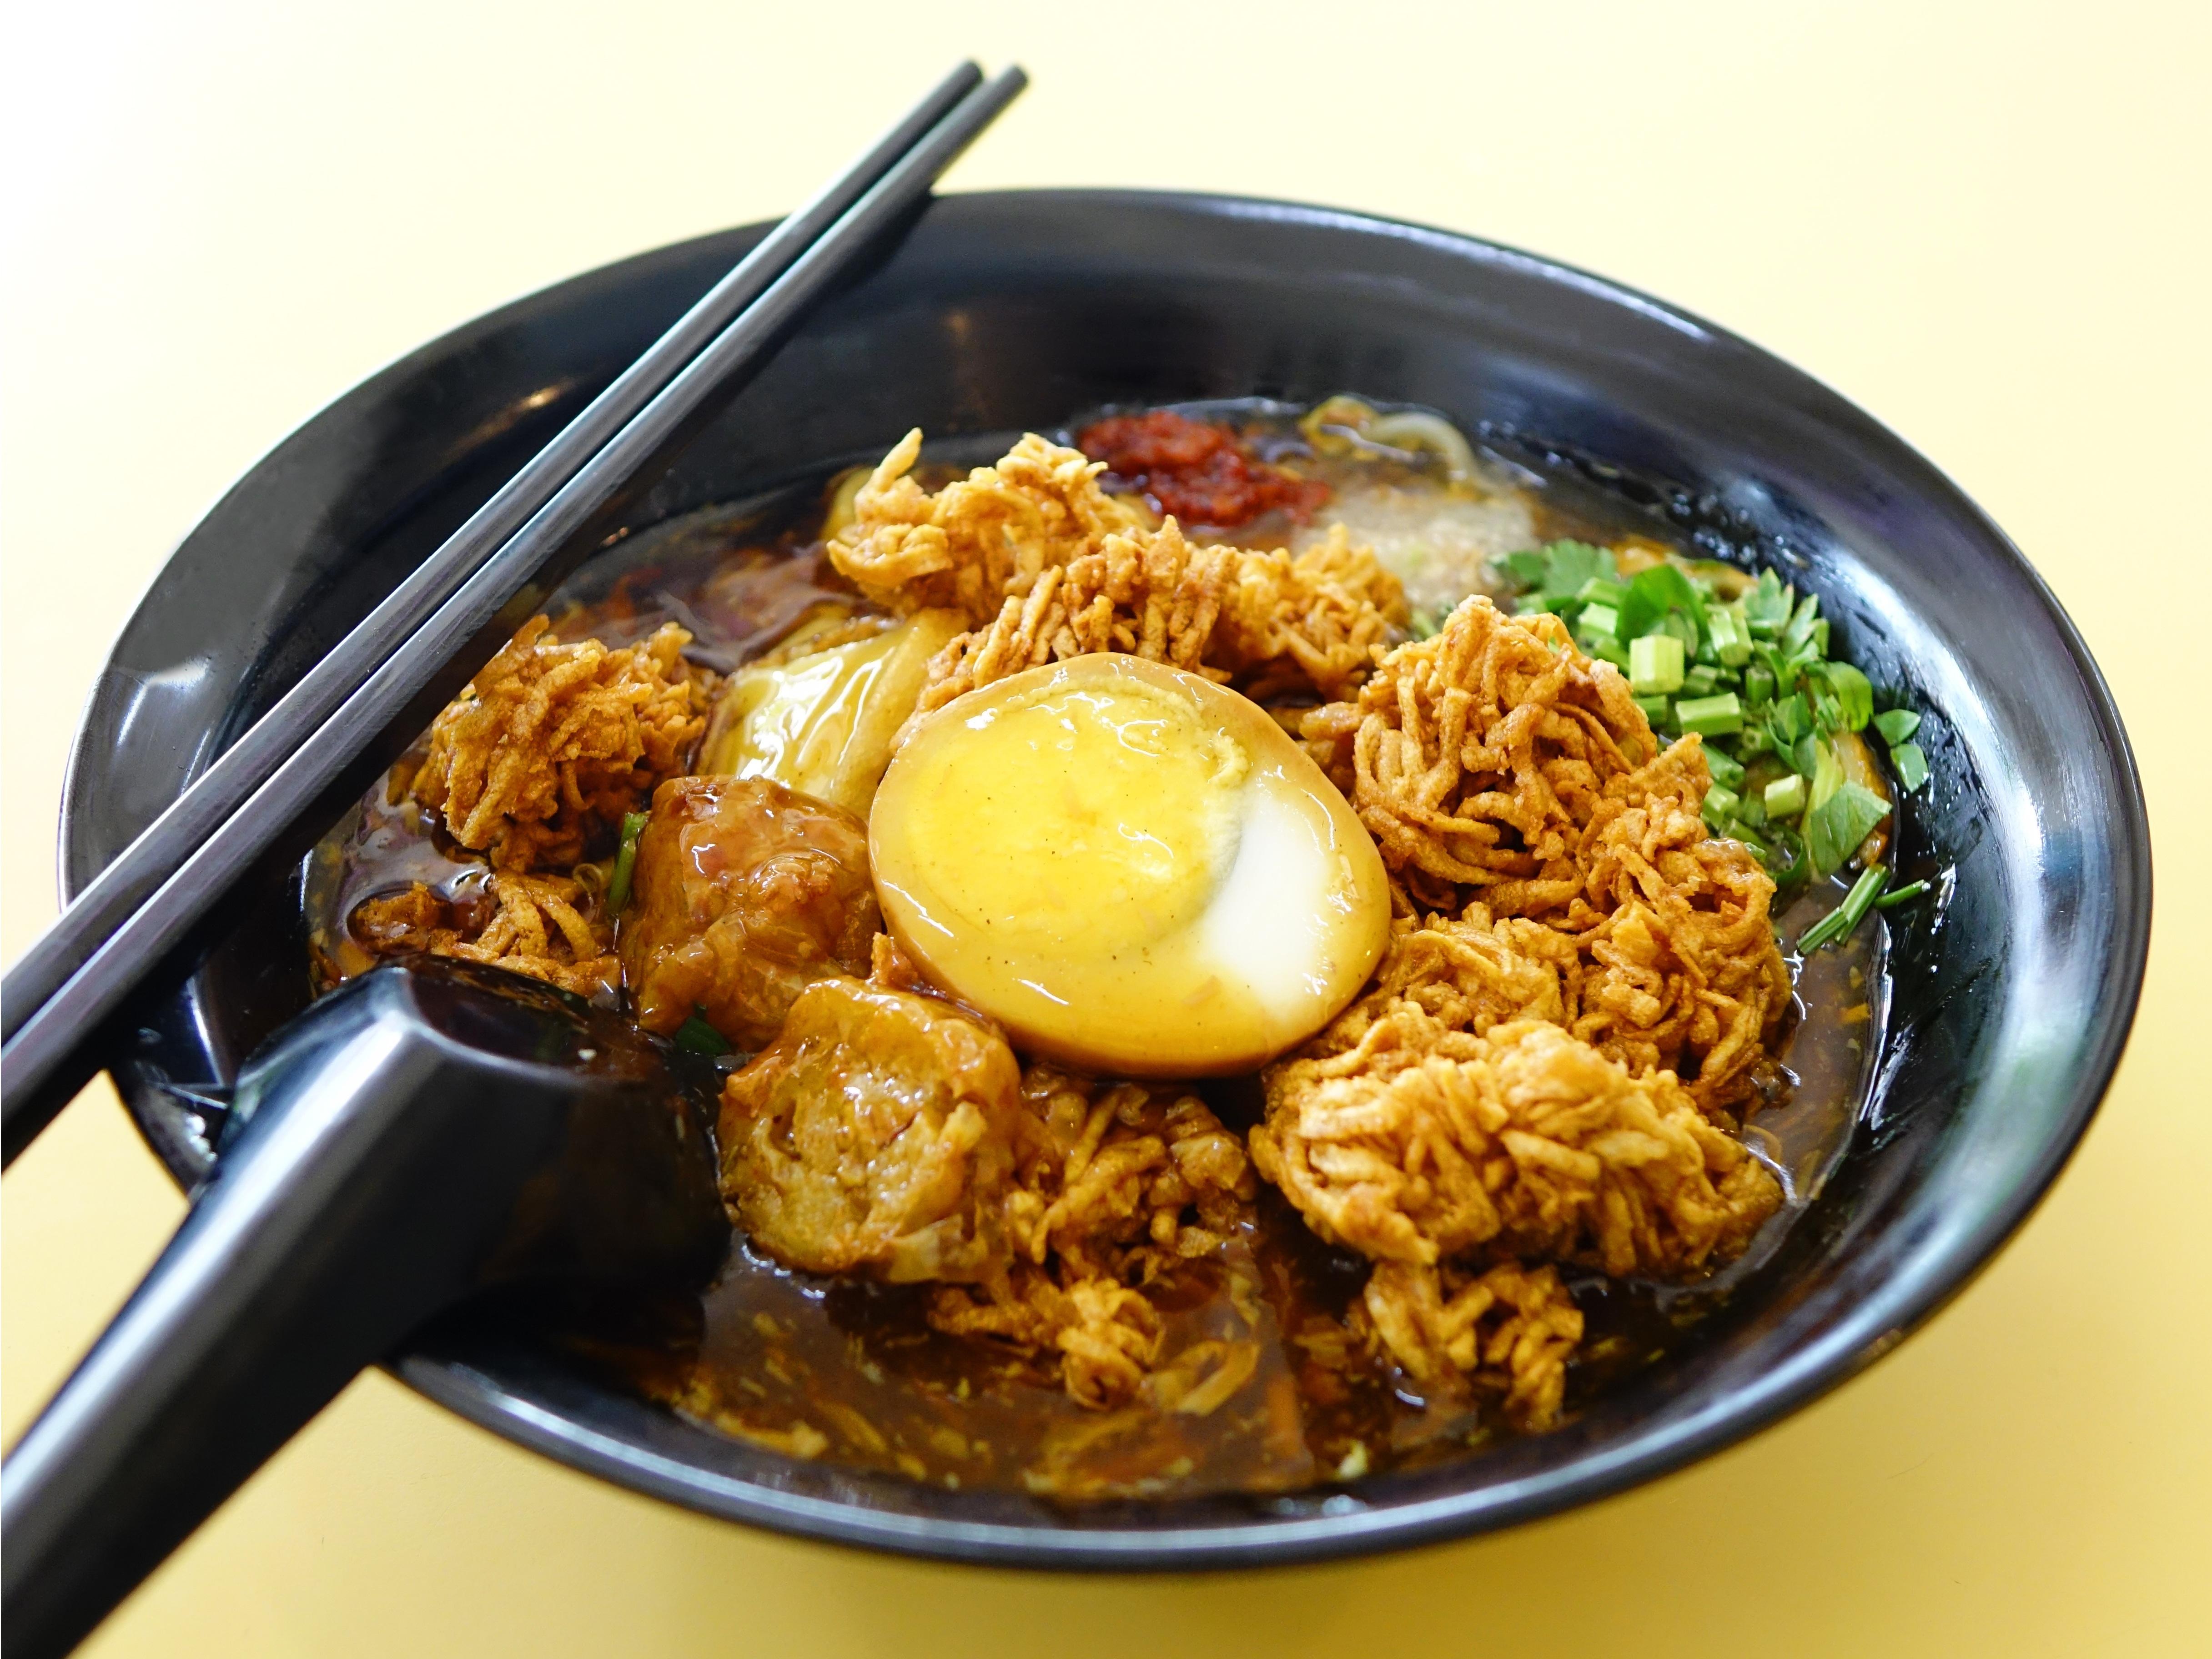 картинки блюда китая подавляющее